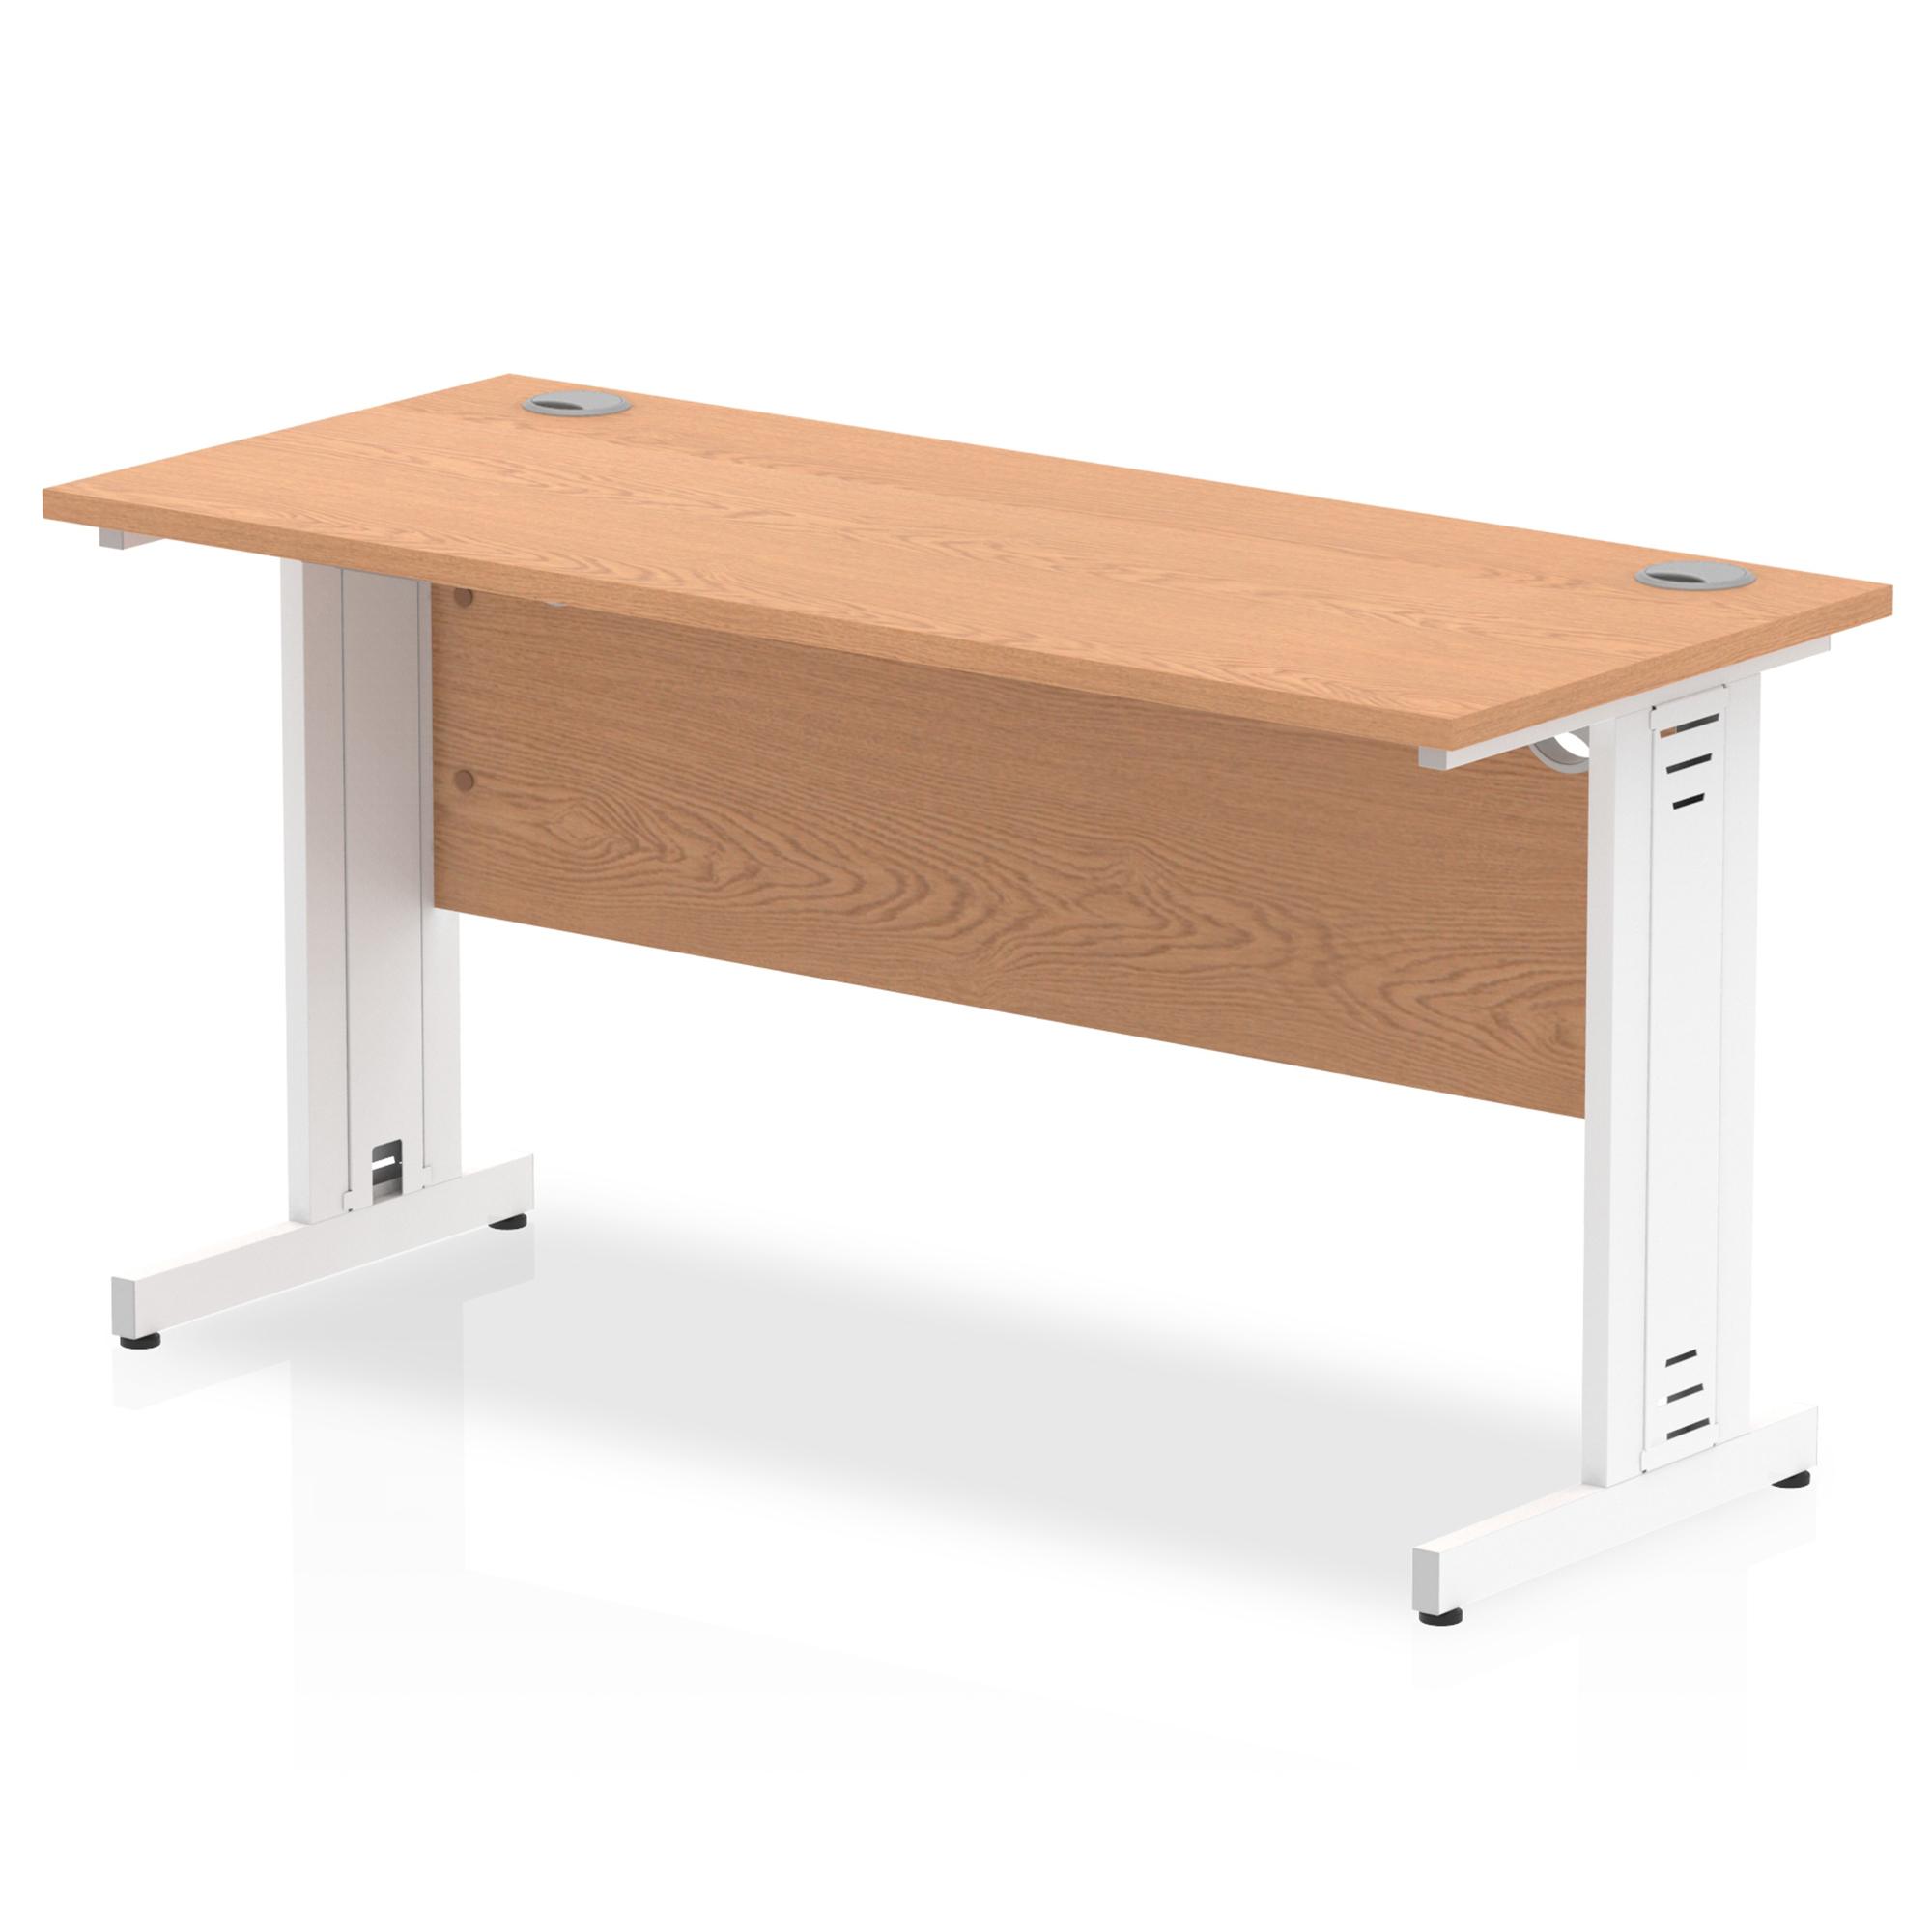 Trexus Desk Rectangle Cable Managed White Leg 1400x600mm Oak Ref MI002734